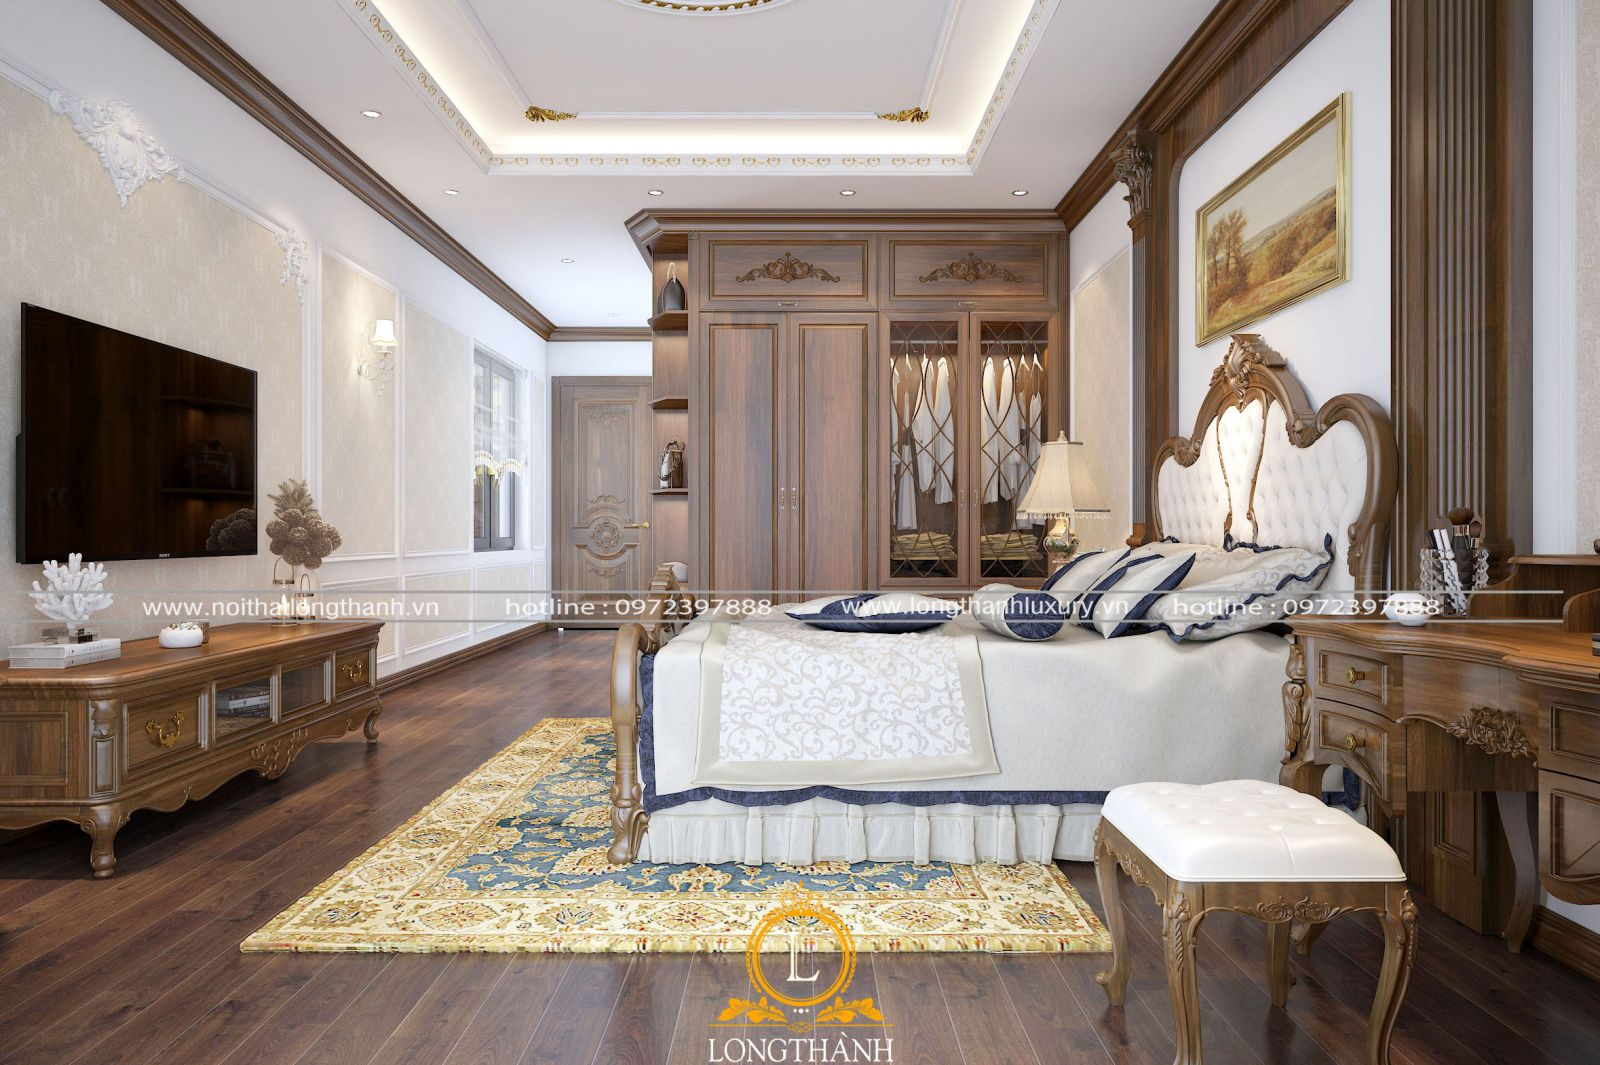 Phòng ngủ tân cổ điển đẳng cấp